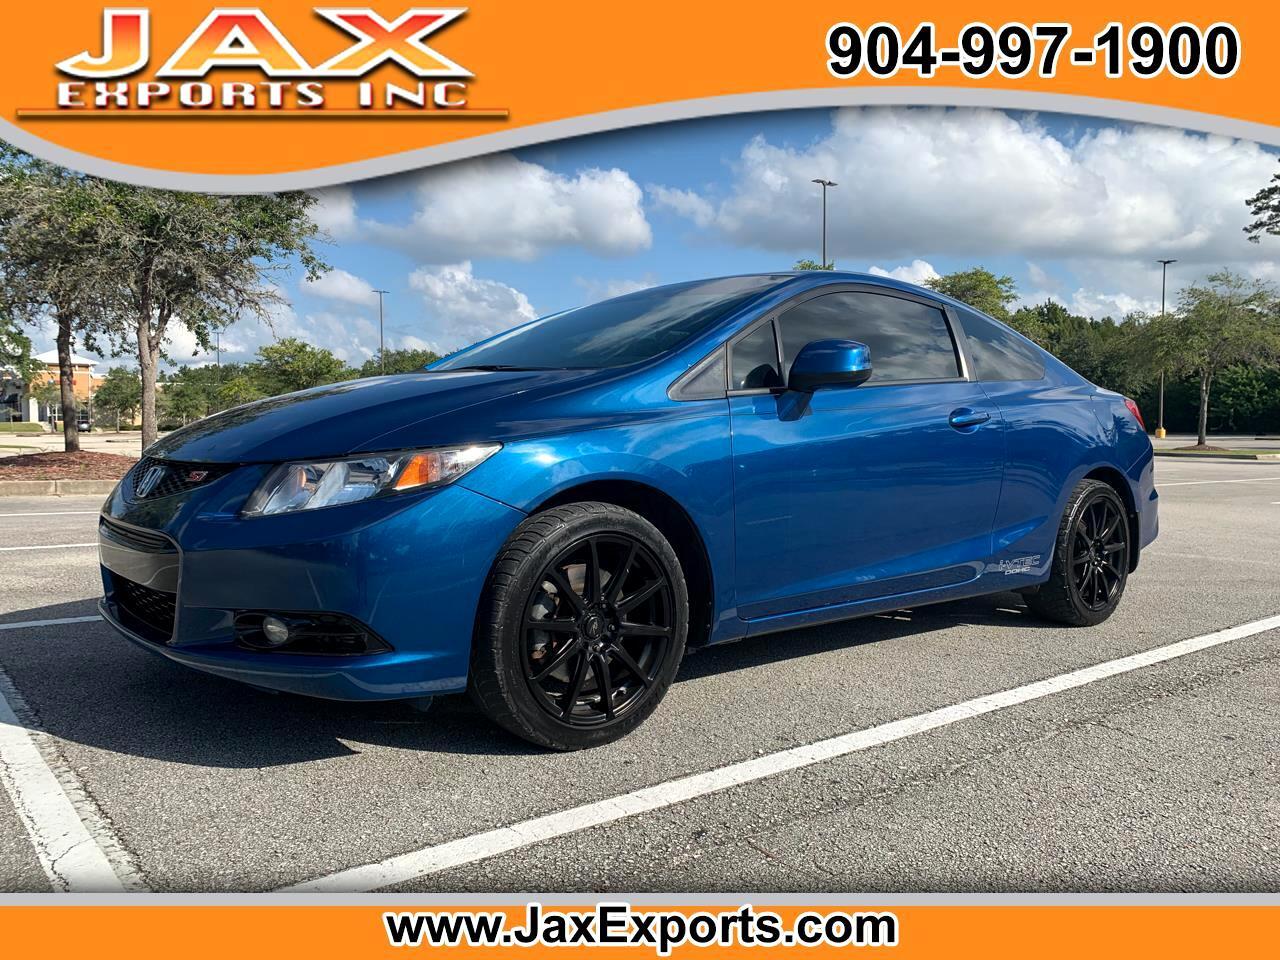 2013 Honda Civic Cpe 2dr Man Si